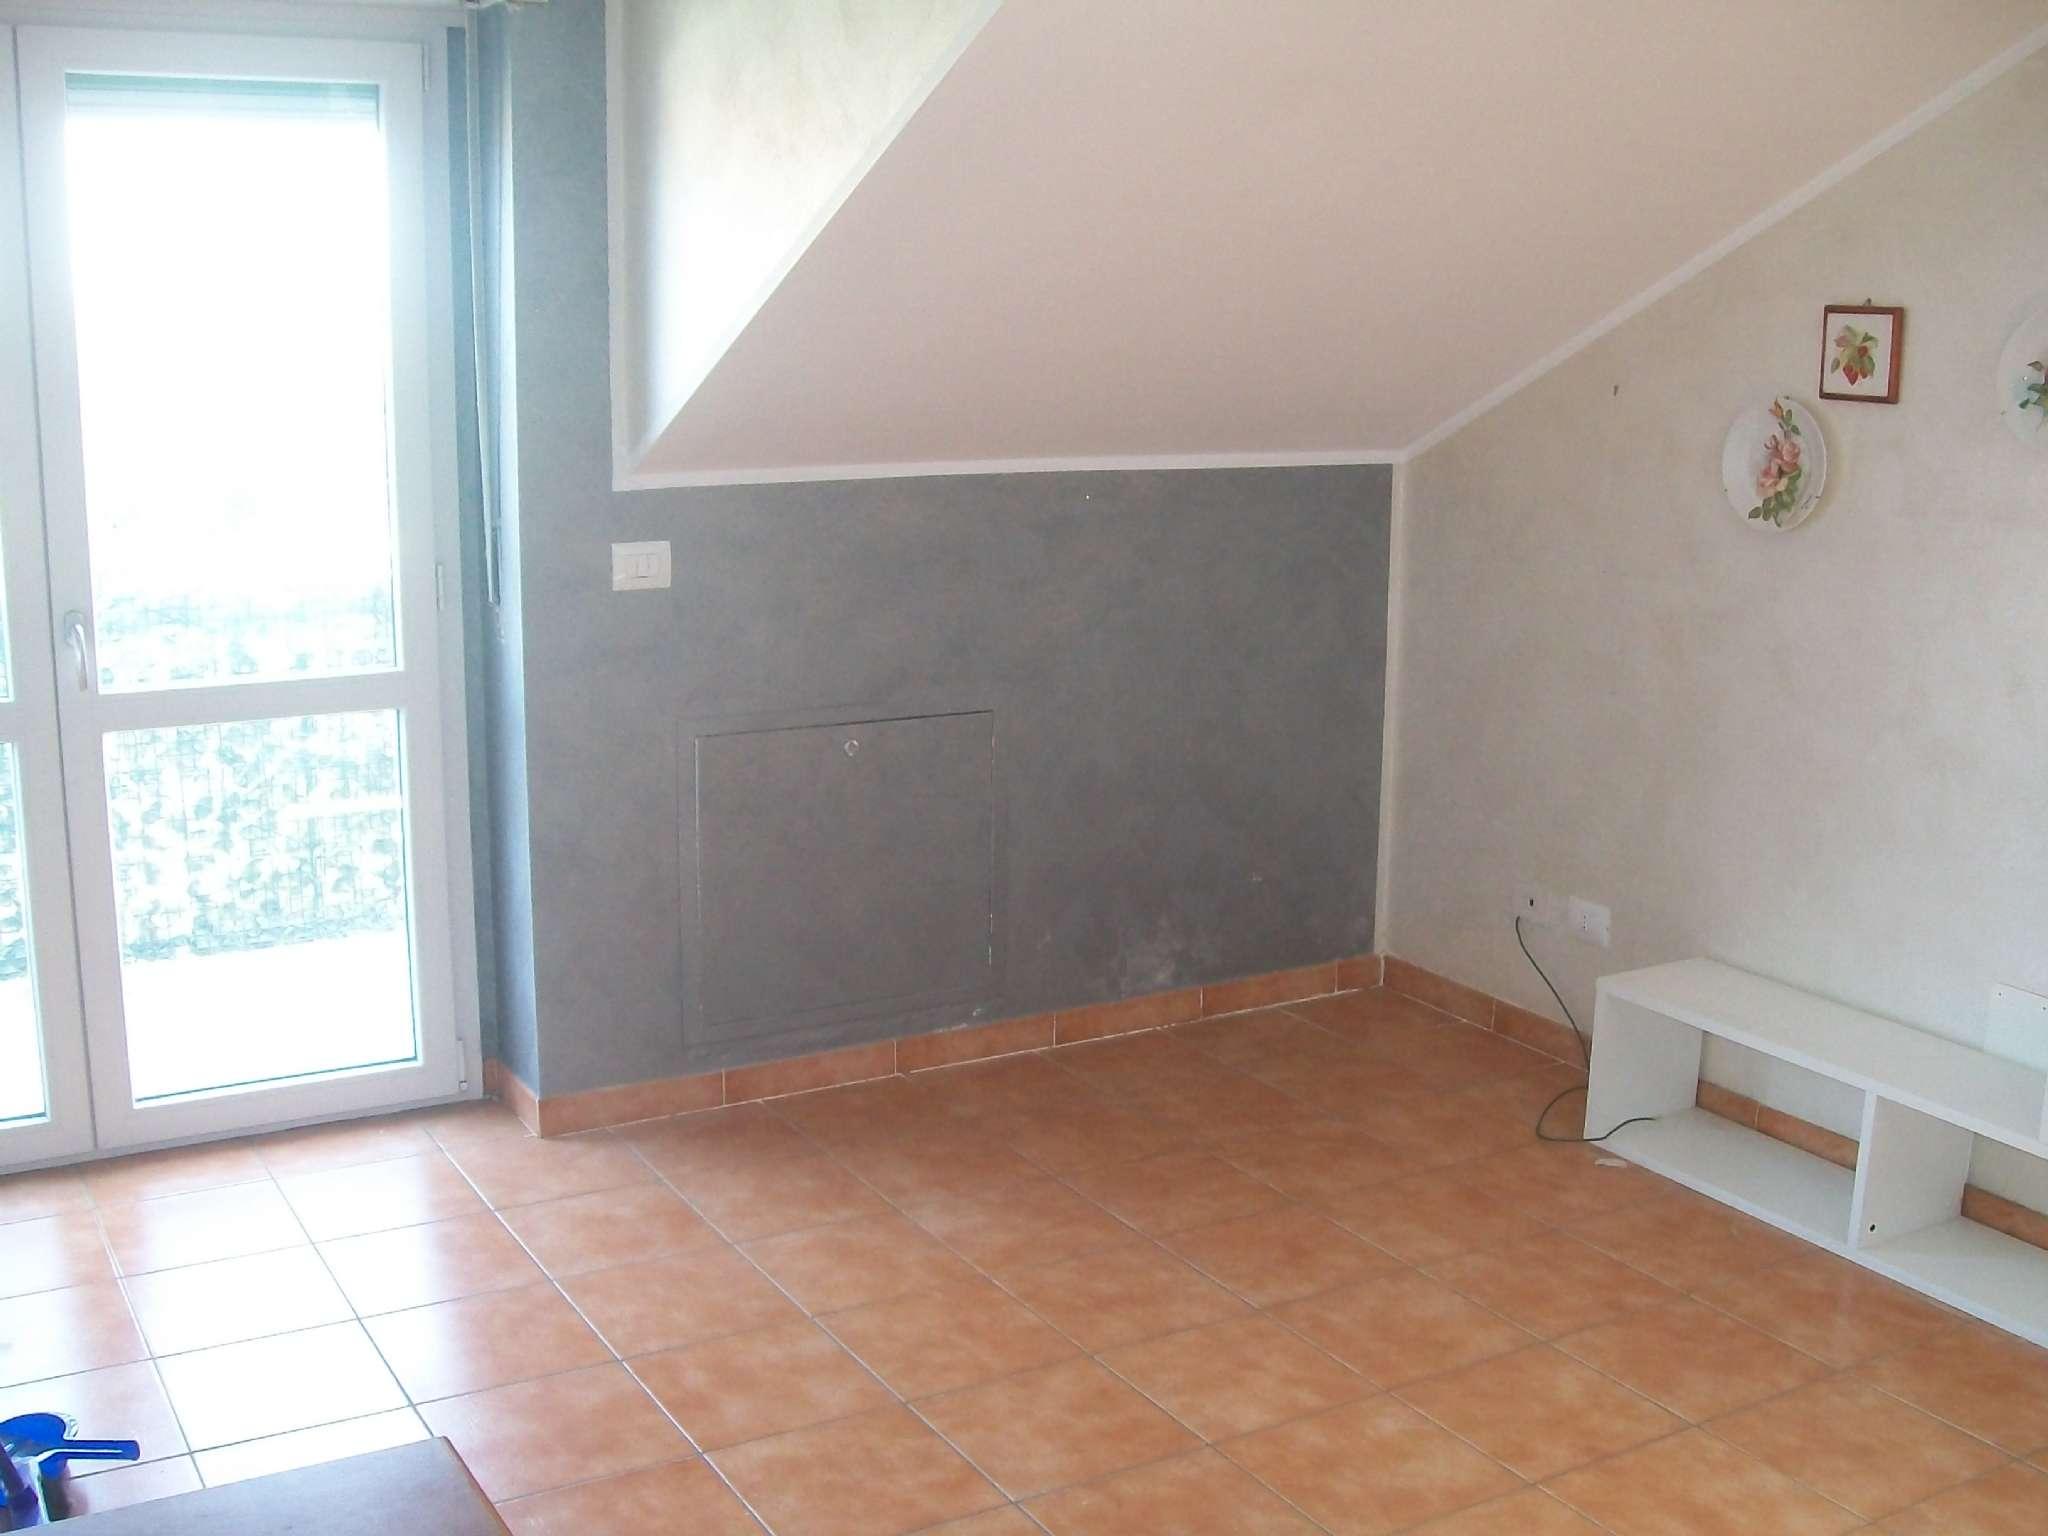 Appartamento in affitto a San Mauro Torinese, 2 locali, prezzo € 400 | CambioCasa.it